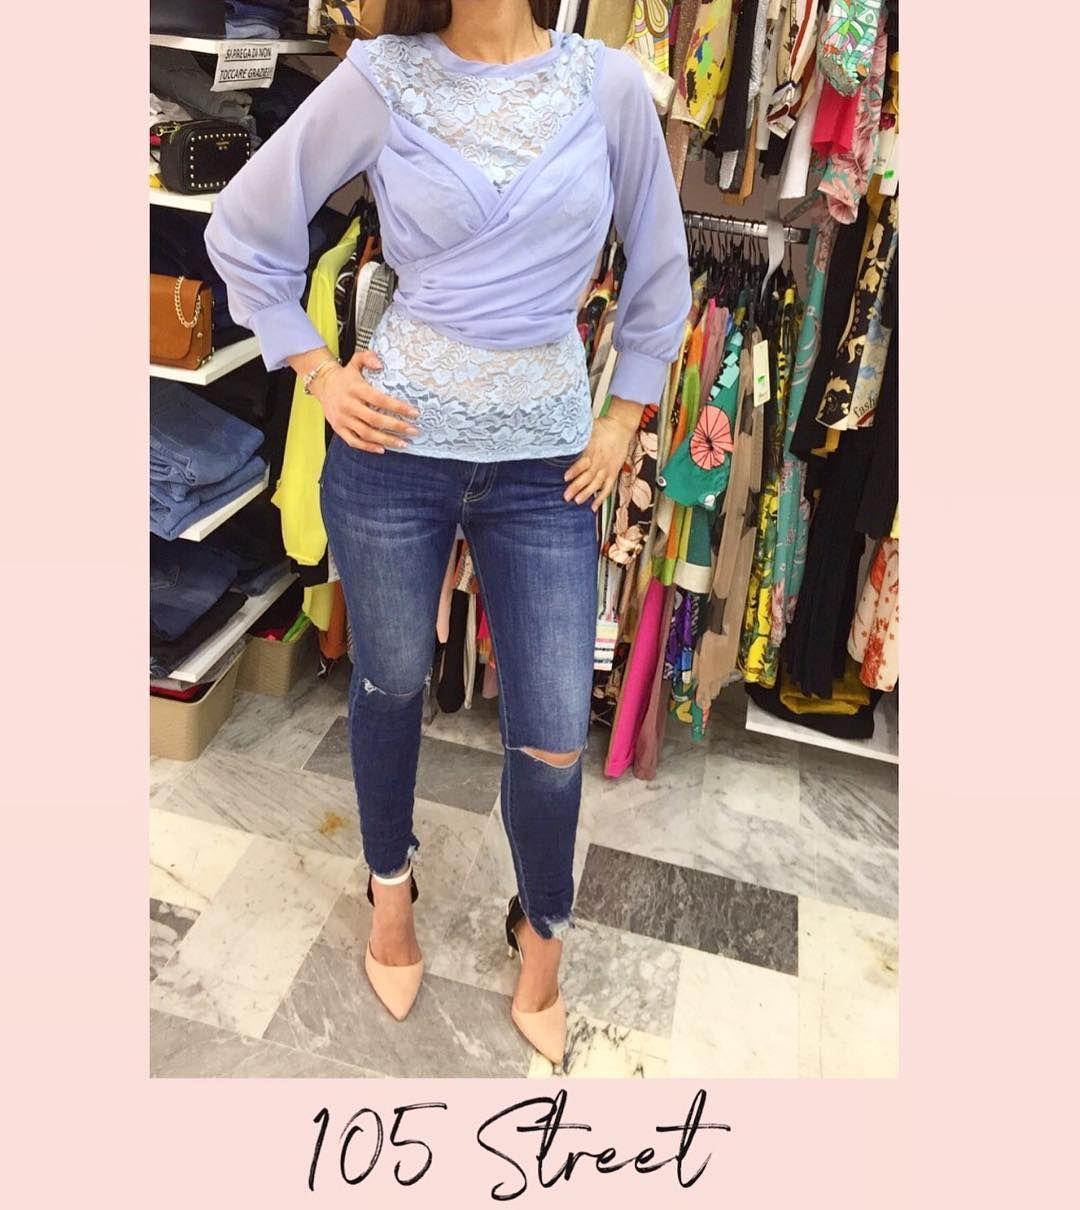 8b197e32f615 105 Street Abbigliamento Scarpe ed Accessori moda a prezzi Via Napoli 105  Mugnano accanto 105 Street